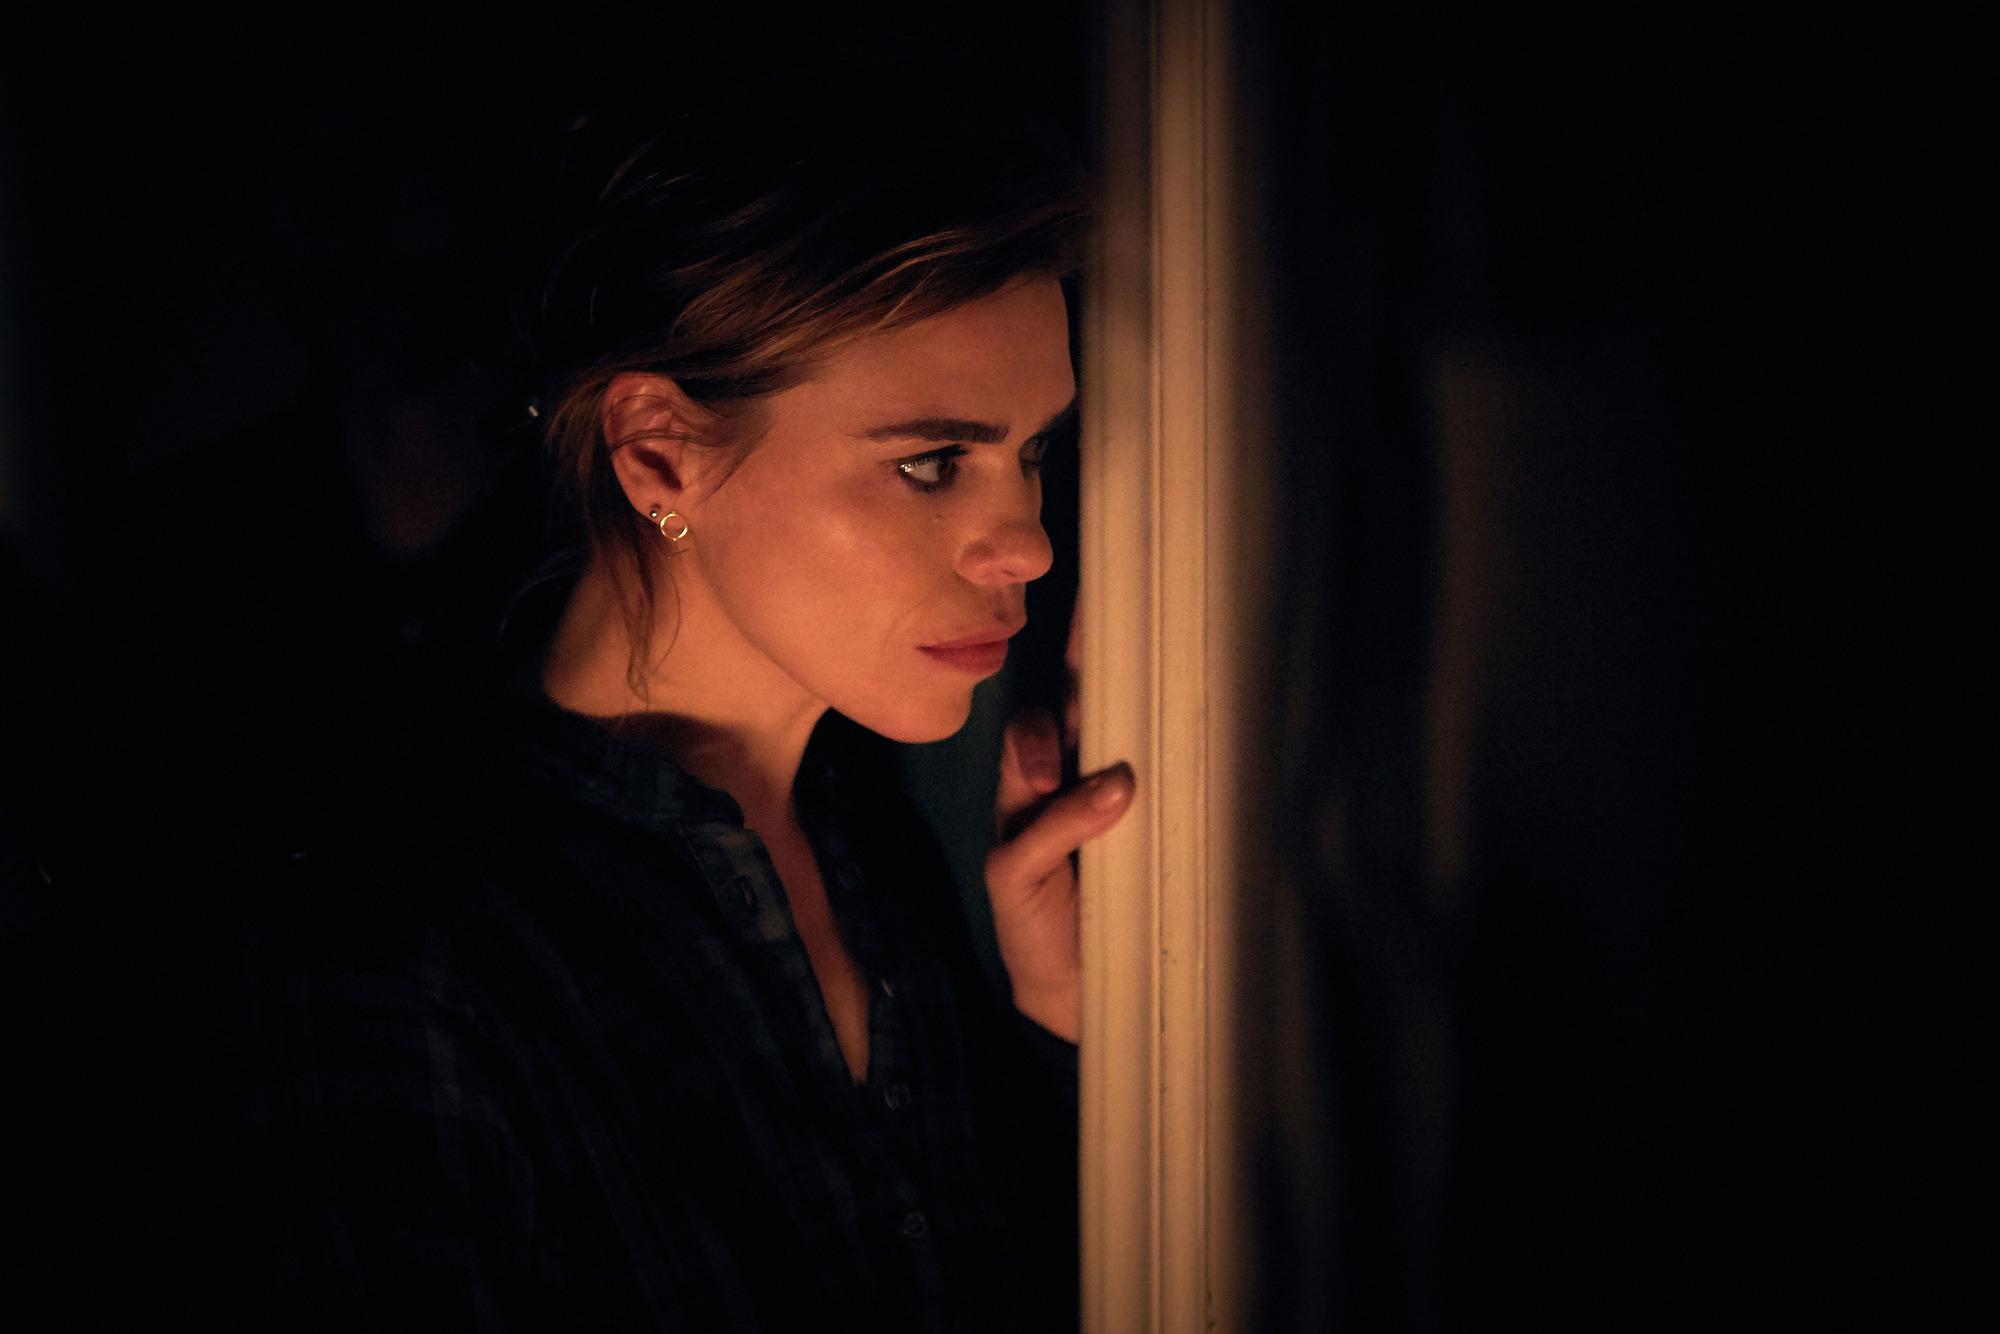 Billie Piper es la invitada especial en Collateral con un papel secundario